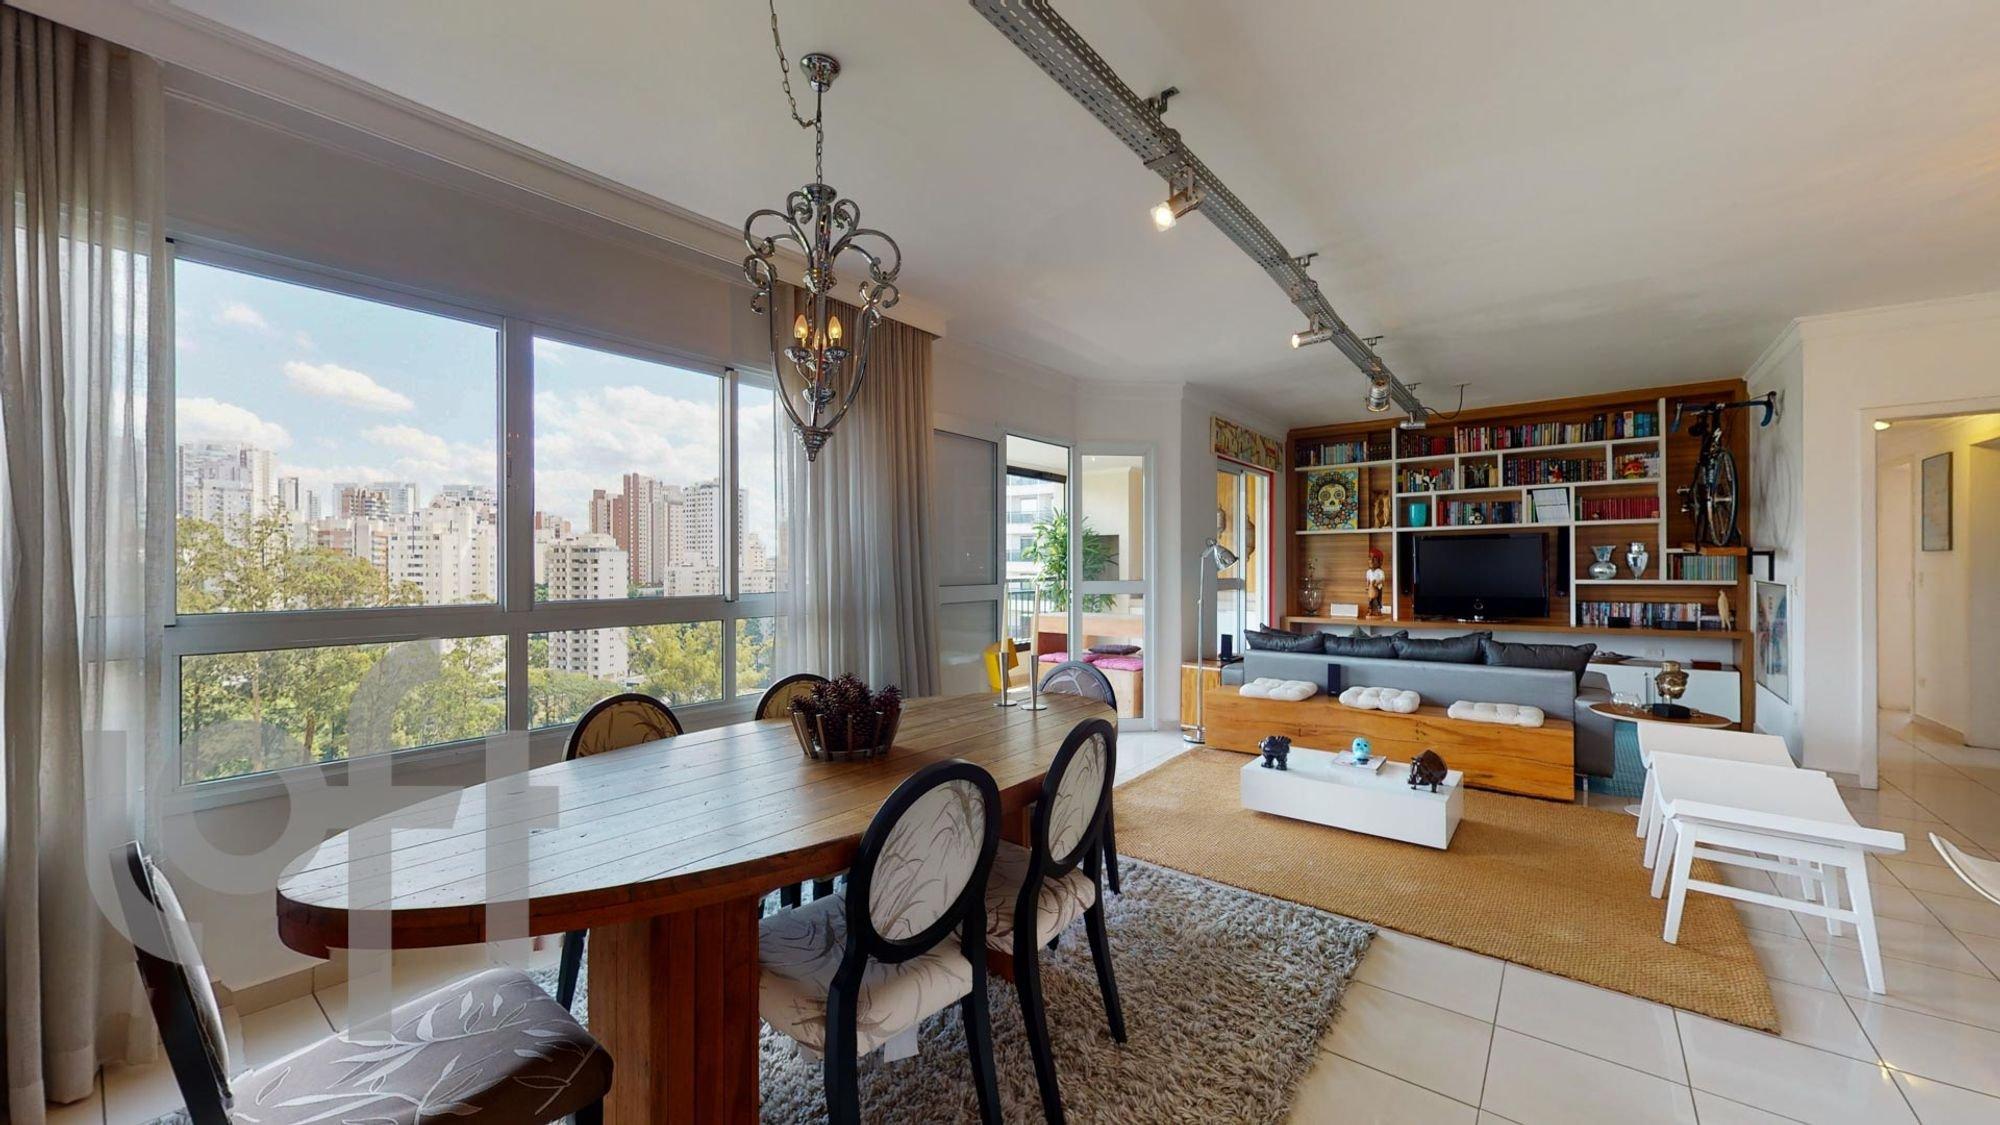 Foto de Sala com sofá, televisão, cadeira, livro, mesa de jantar